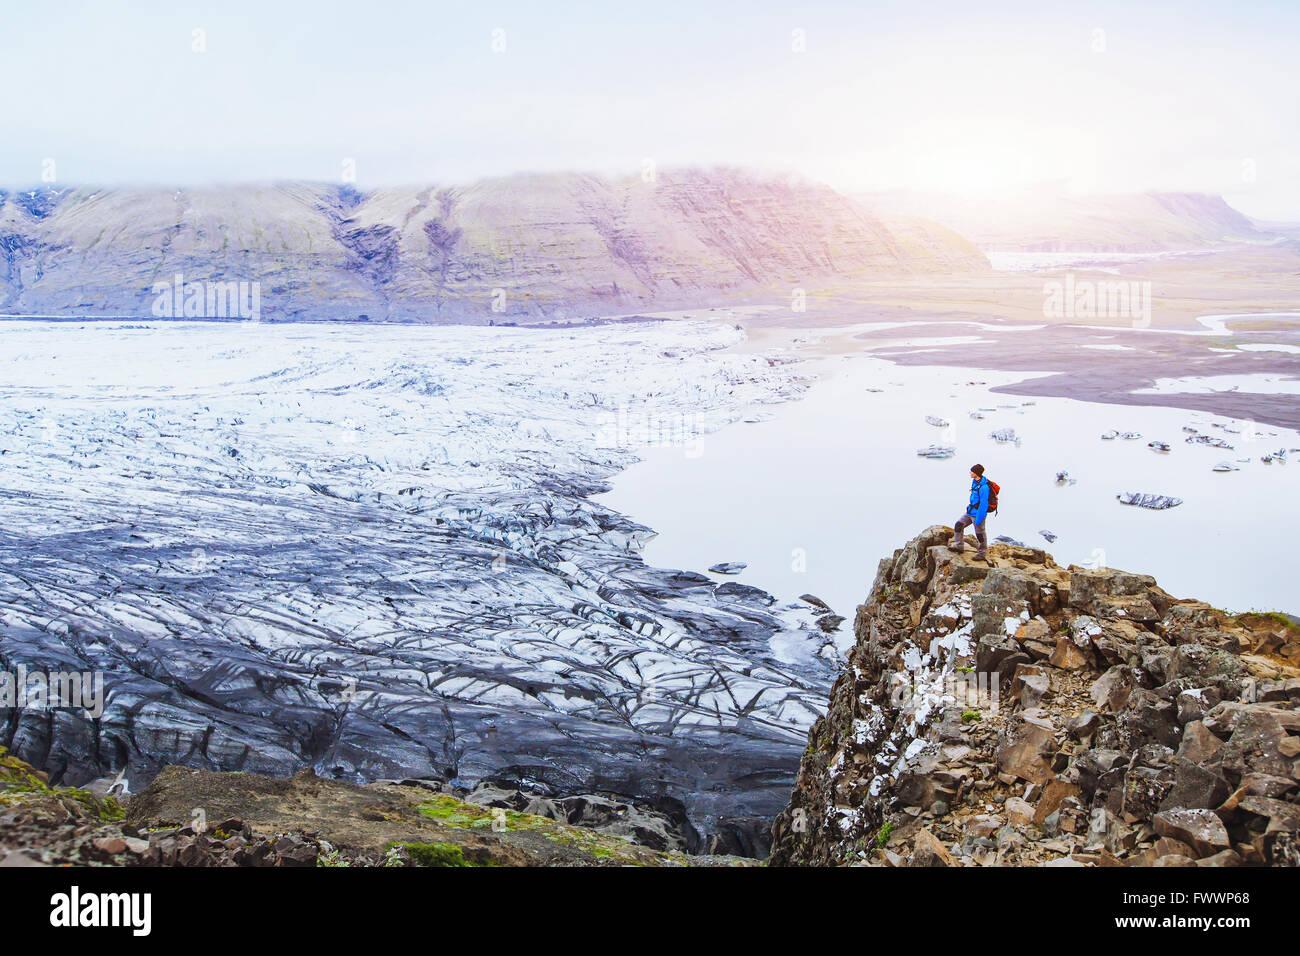 Escursionismo in inverno, backpacker godendo di paesaggio panoramico del ghiacciaio in Islanda al tramonto nel parco Immagini Stock